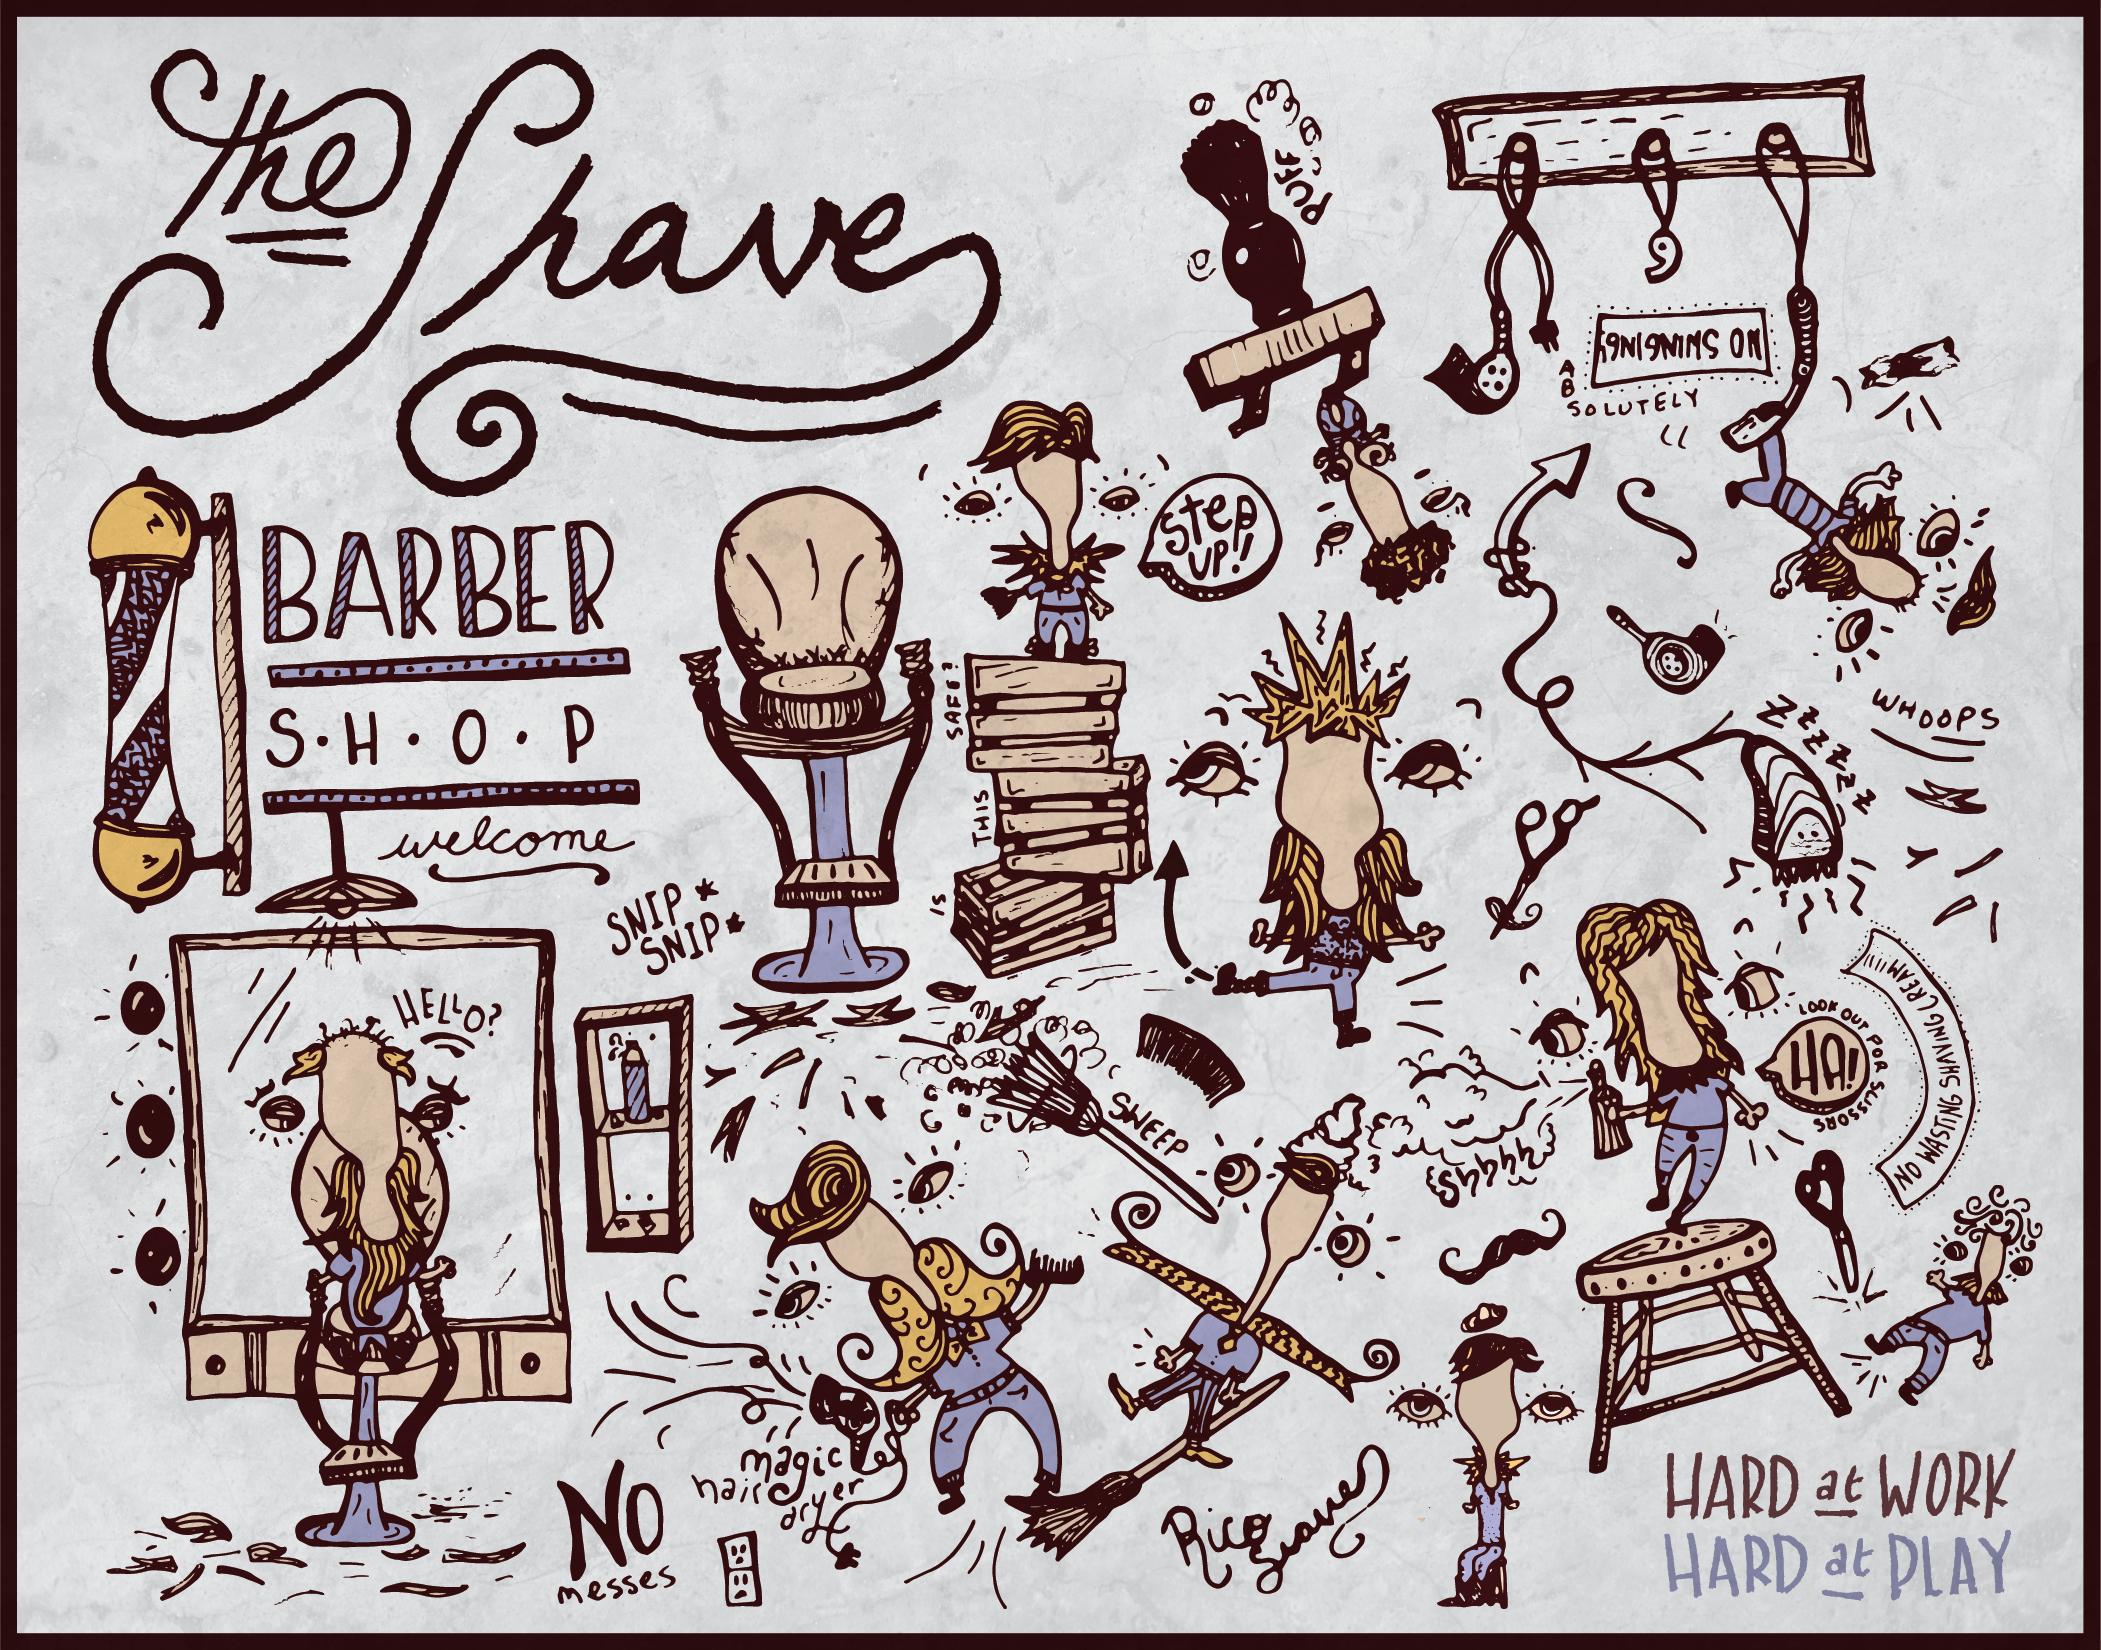 barber shop illustration-02.png